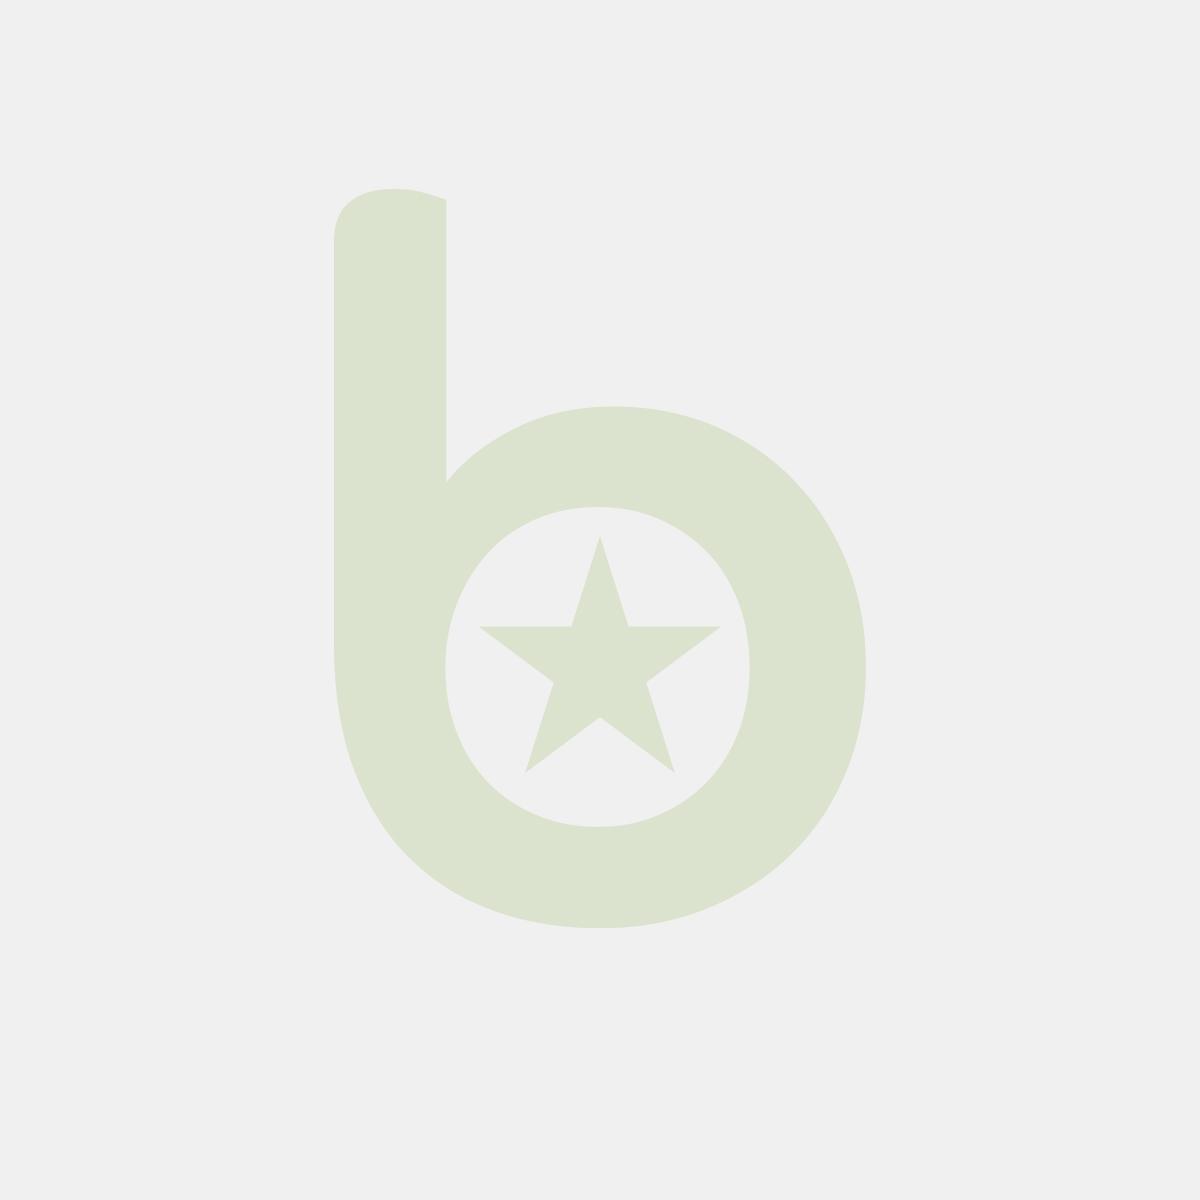 Artykuły do pisania i korygowania